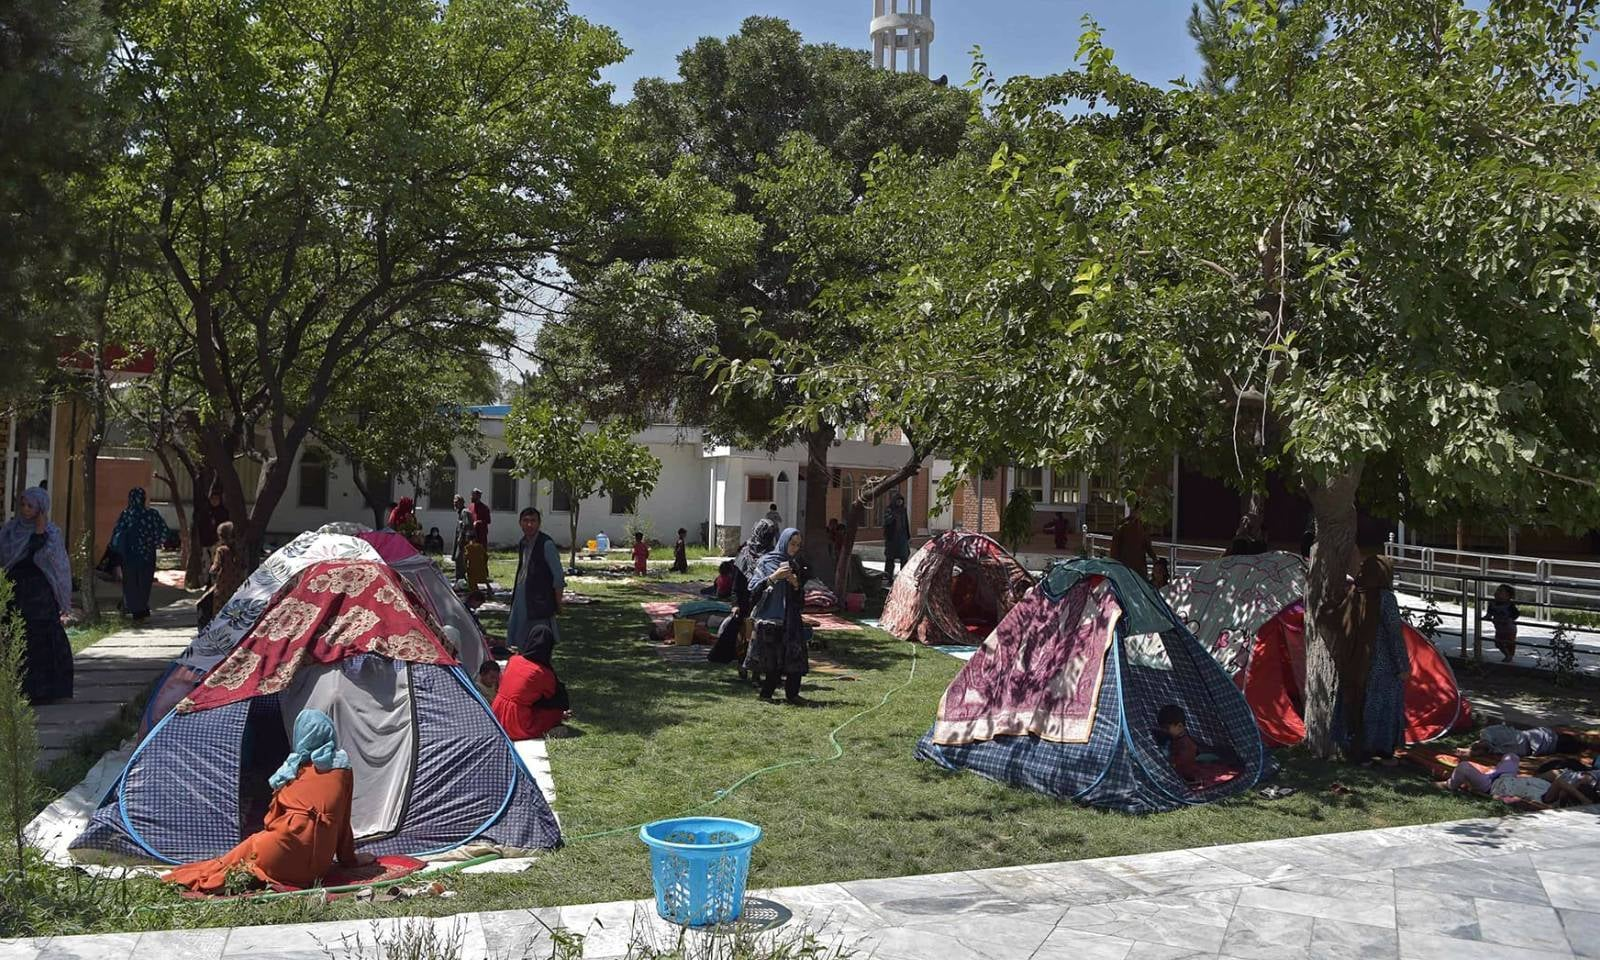 بے گھر ہونے والے افغان خاندان کابل میں مسجد کے صحن میں عارضی خیموں میں بیٹھے ہیں — فوٹو: اے ایف پی